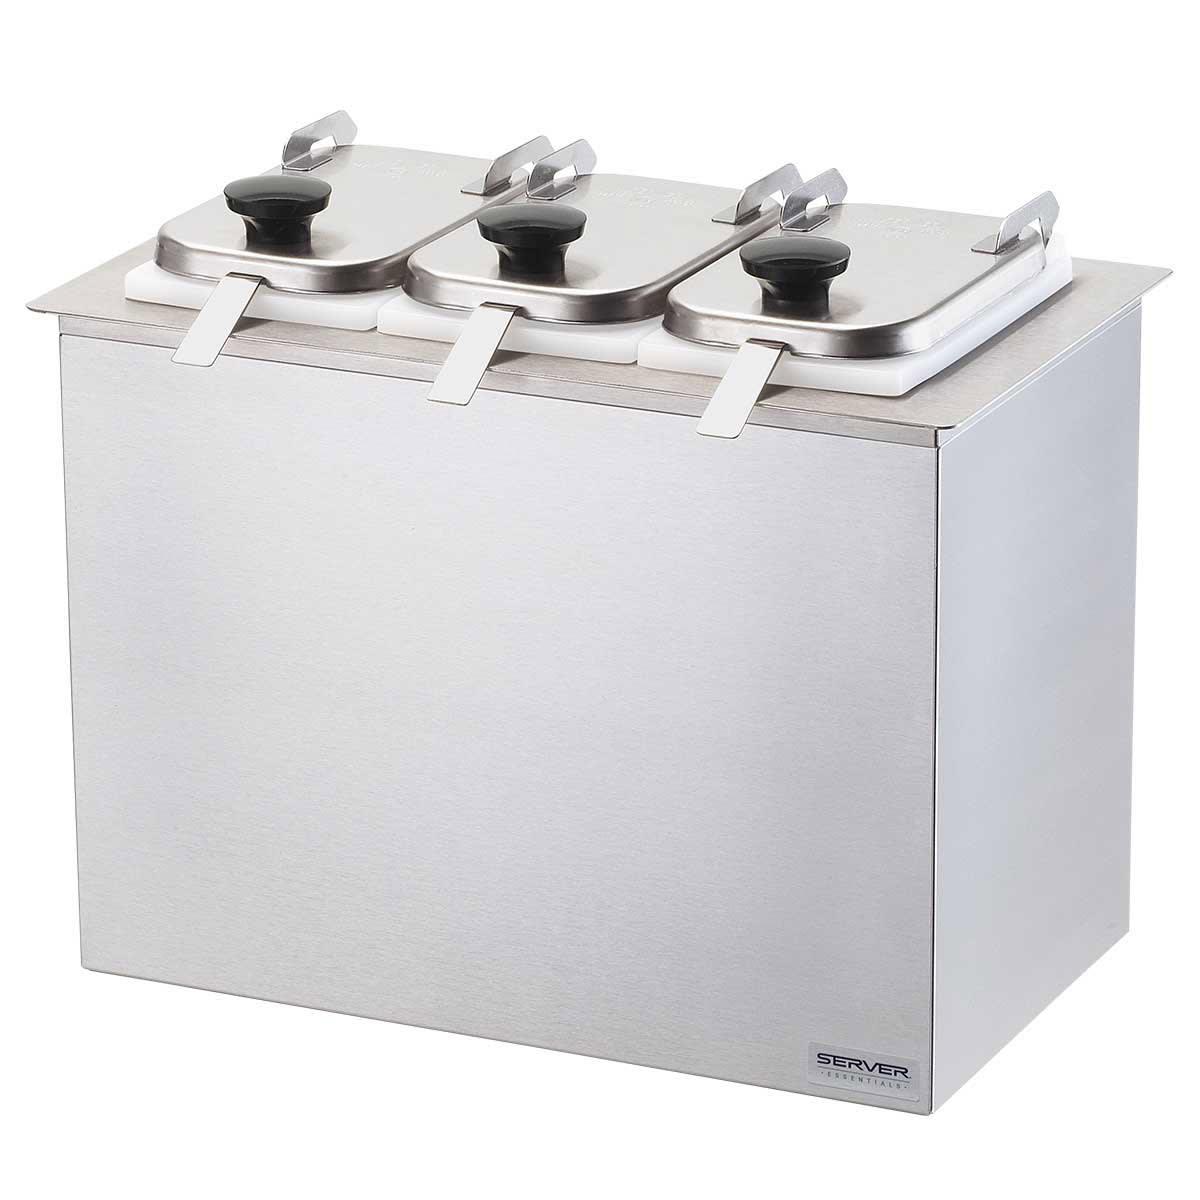 Server 80520 Dipper-Style Topping Dispenser w/ (3) 1 oz Ladles, Stainless